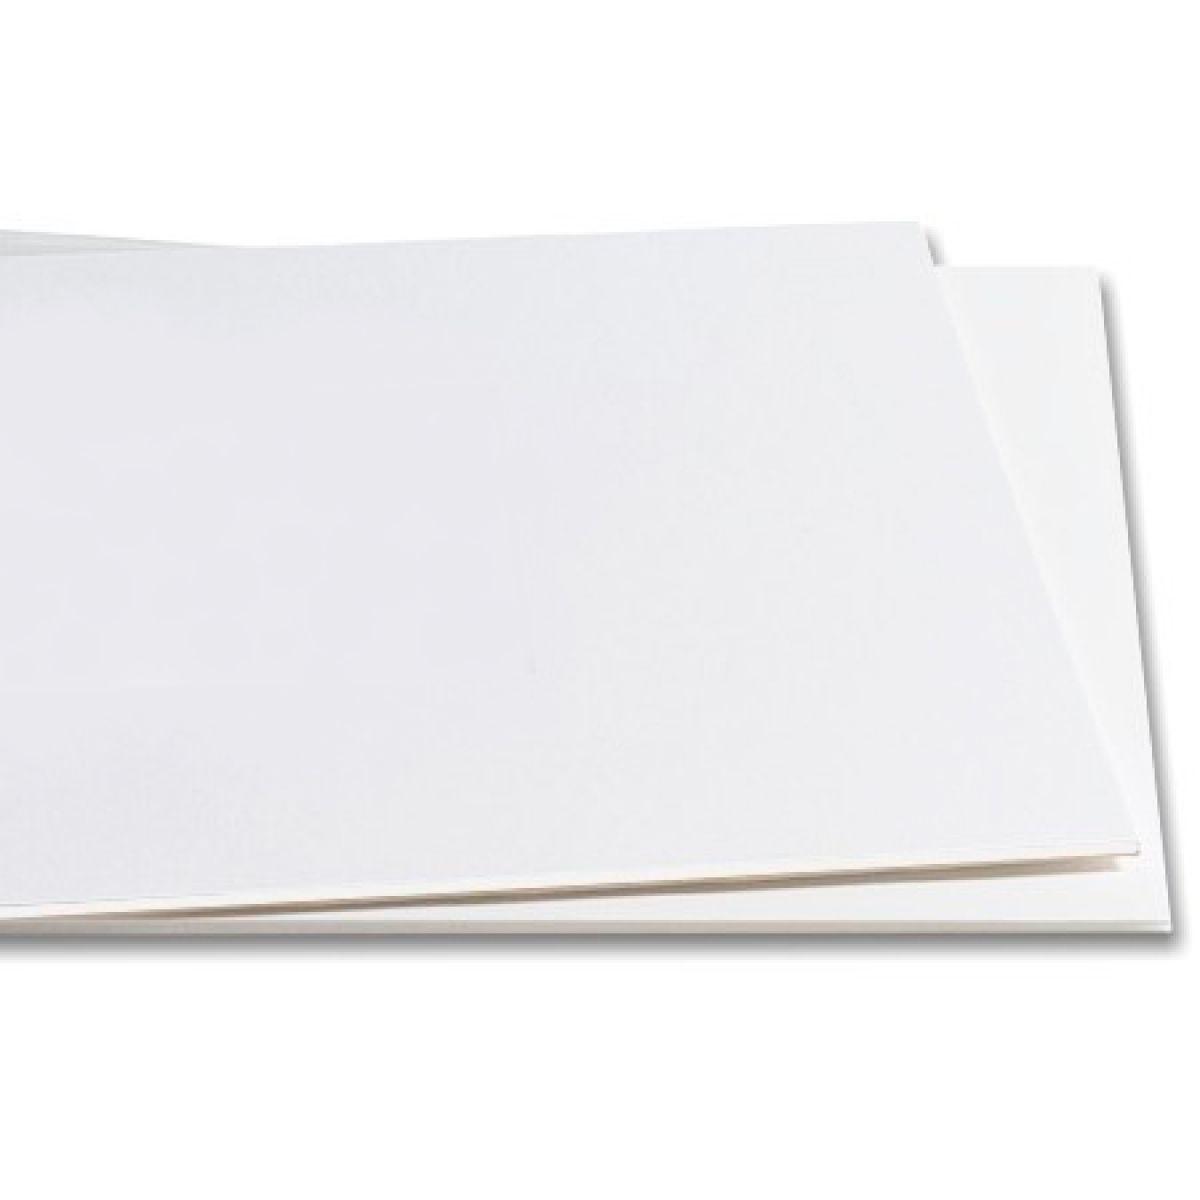 Papel Couche Fosco 300g A4 Embalagem Com 10 Folhas Phandora